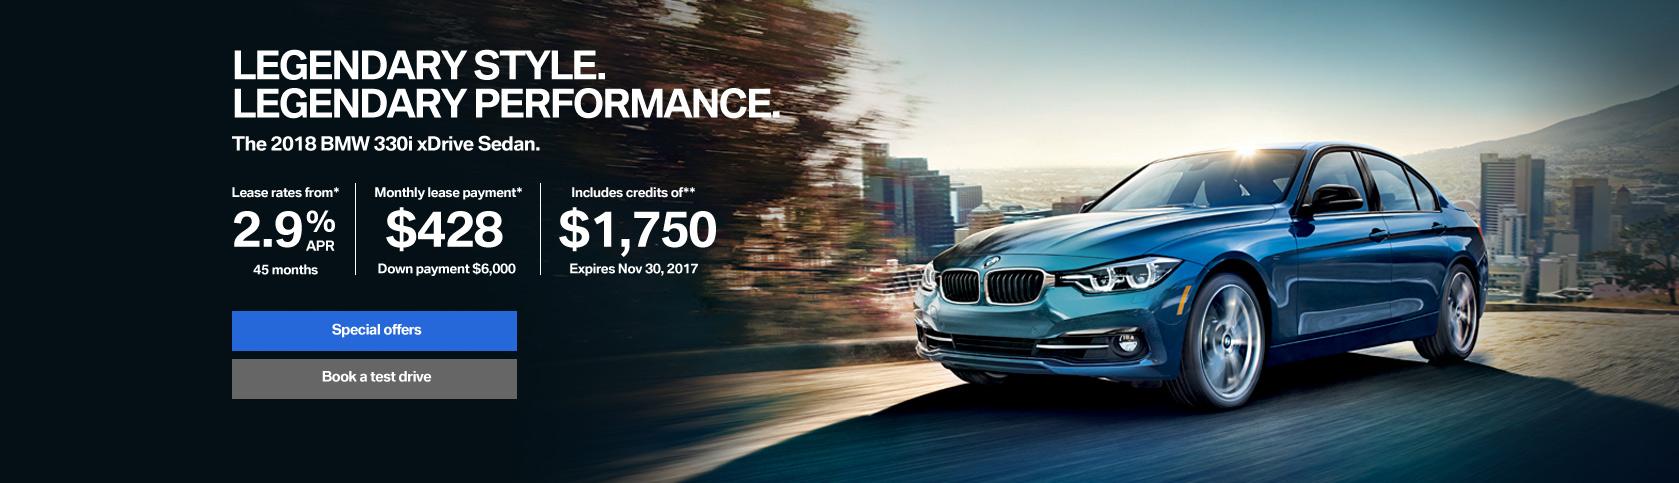 2017_BMW_NovDAG_3er_Banner_1679x483_GTA